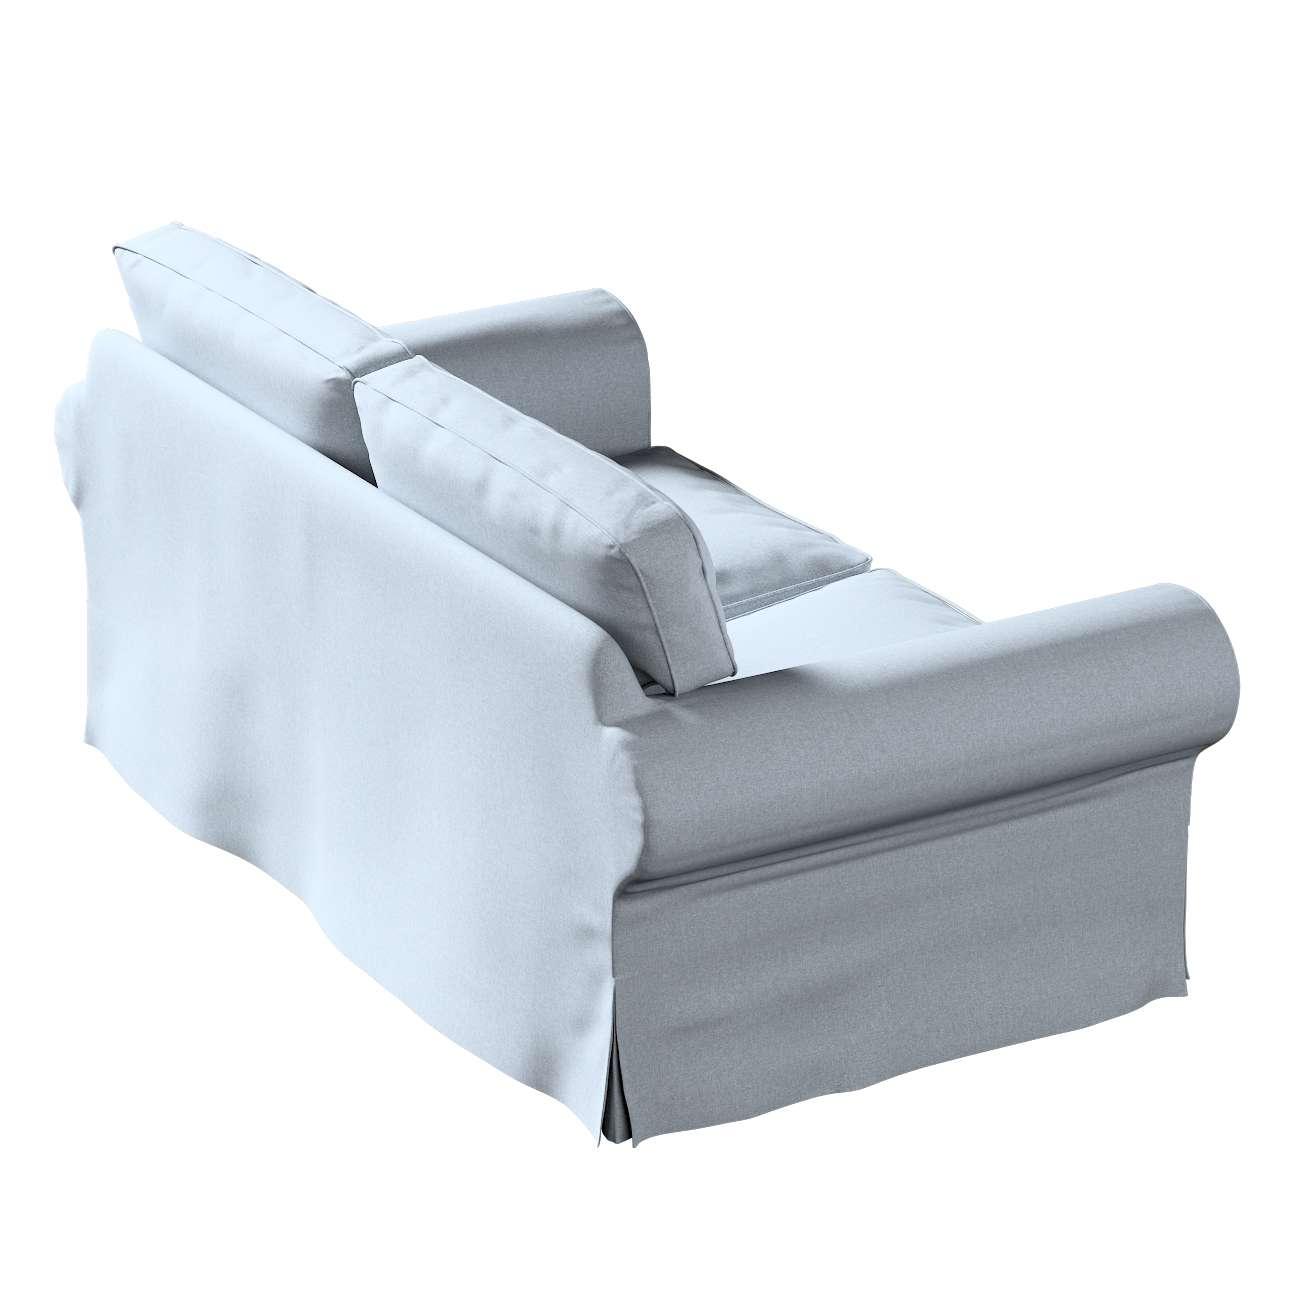 Poťah na sedačku Ektorp (rozkladacia, pre 2 osoby) NOVÝ MODEL 2012 V kolekcii Amsterdam, tkanina: 704-46